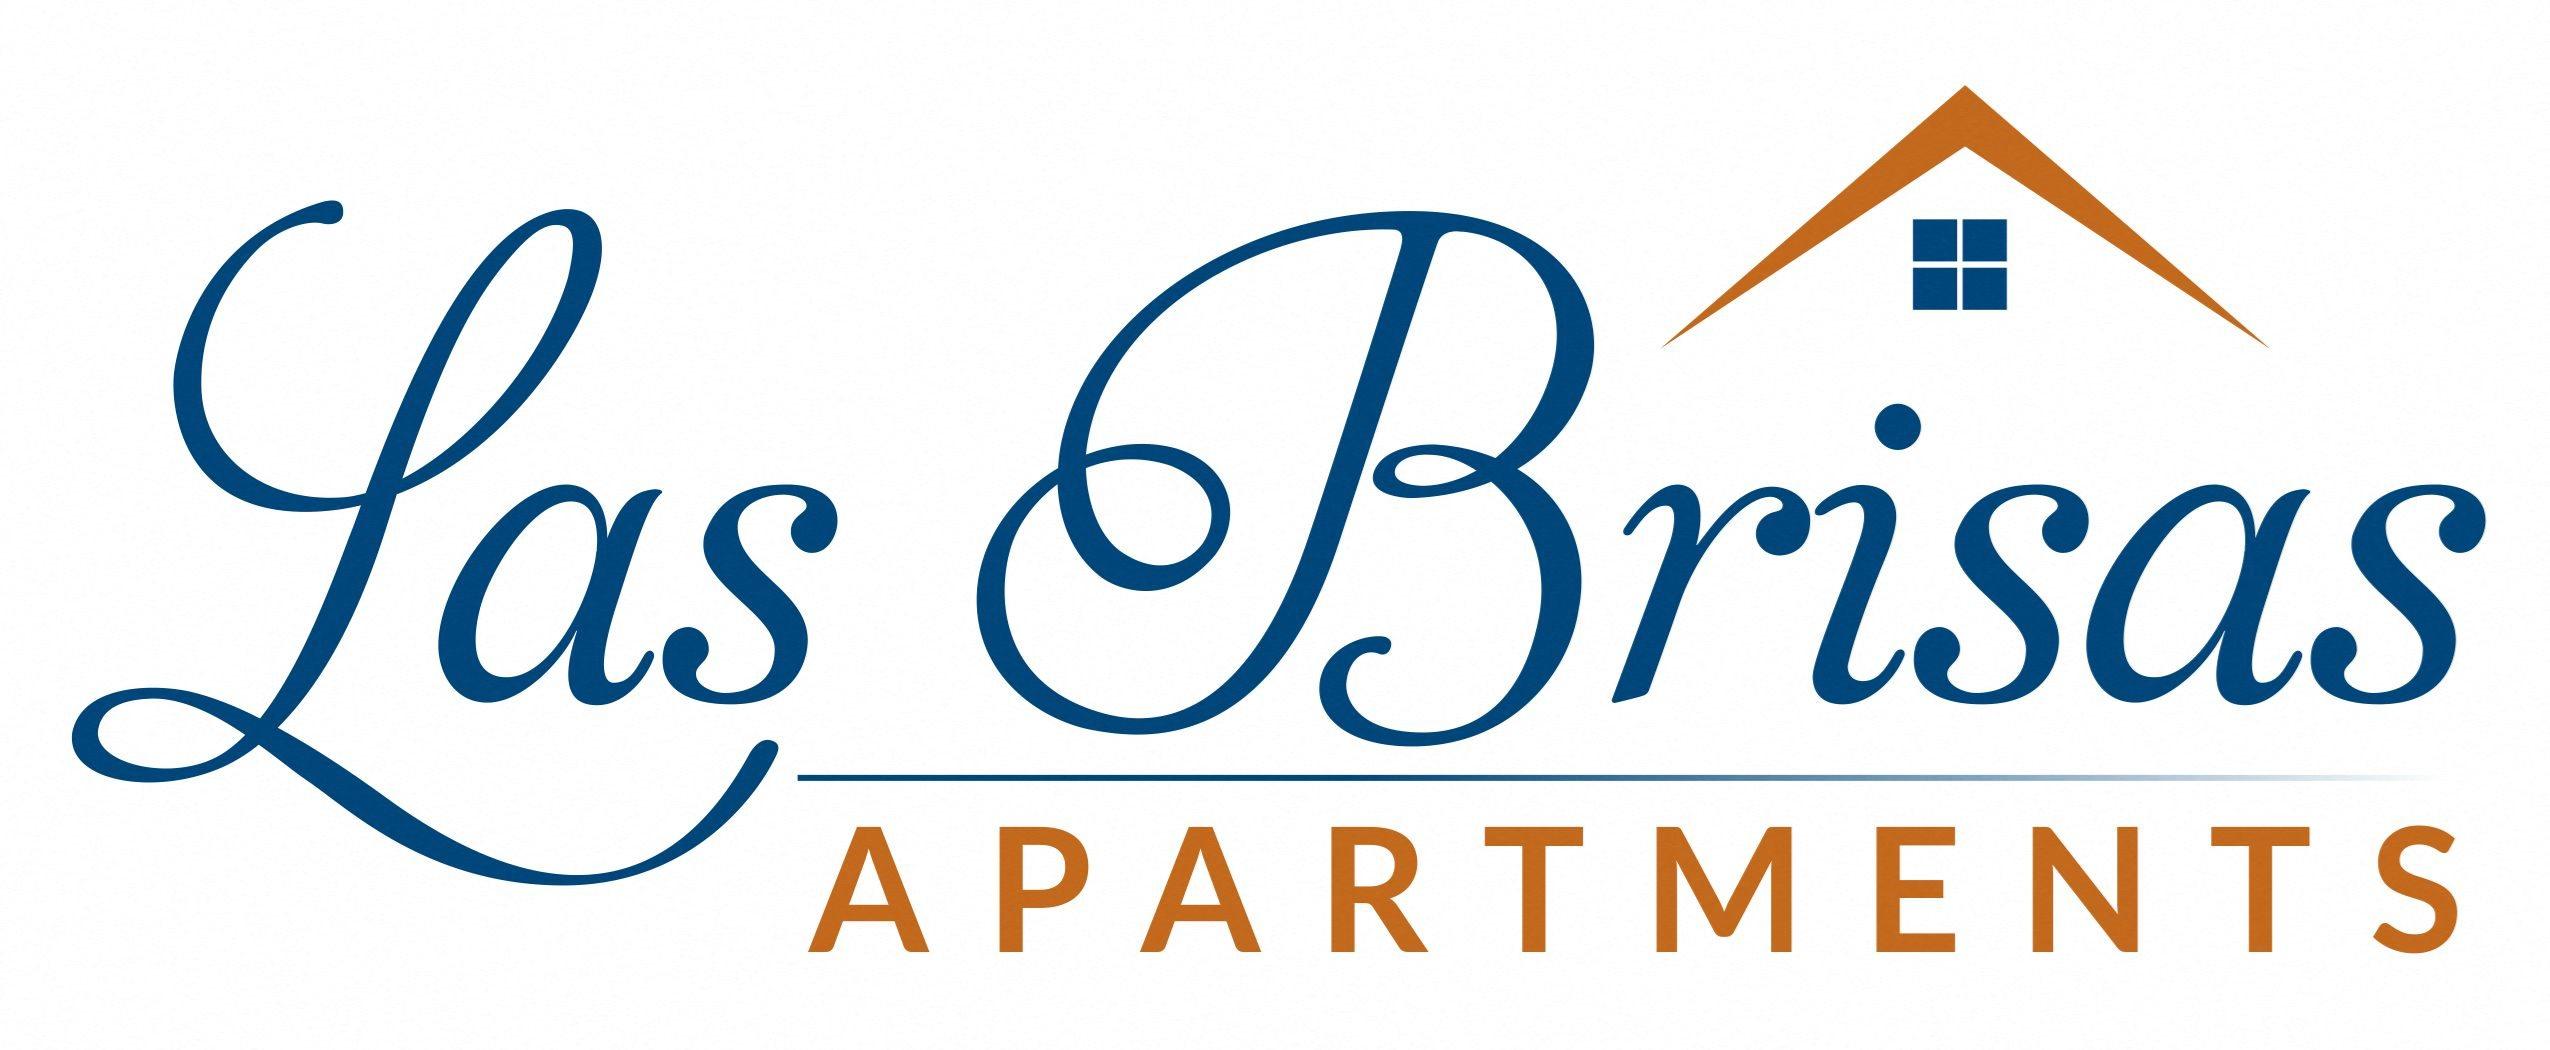 Las Brisas Apartments | Apartments in Casa Grande, AZ